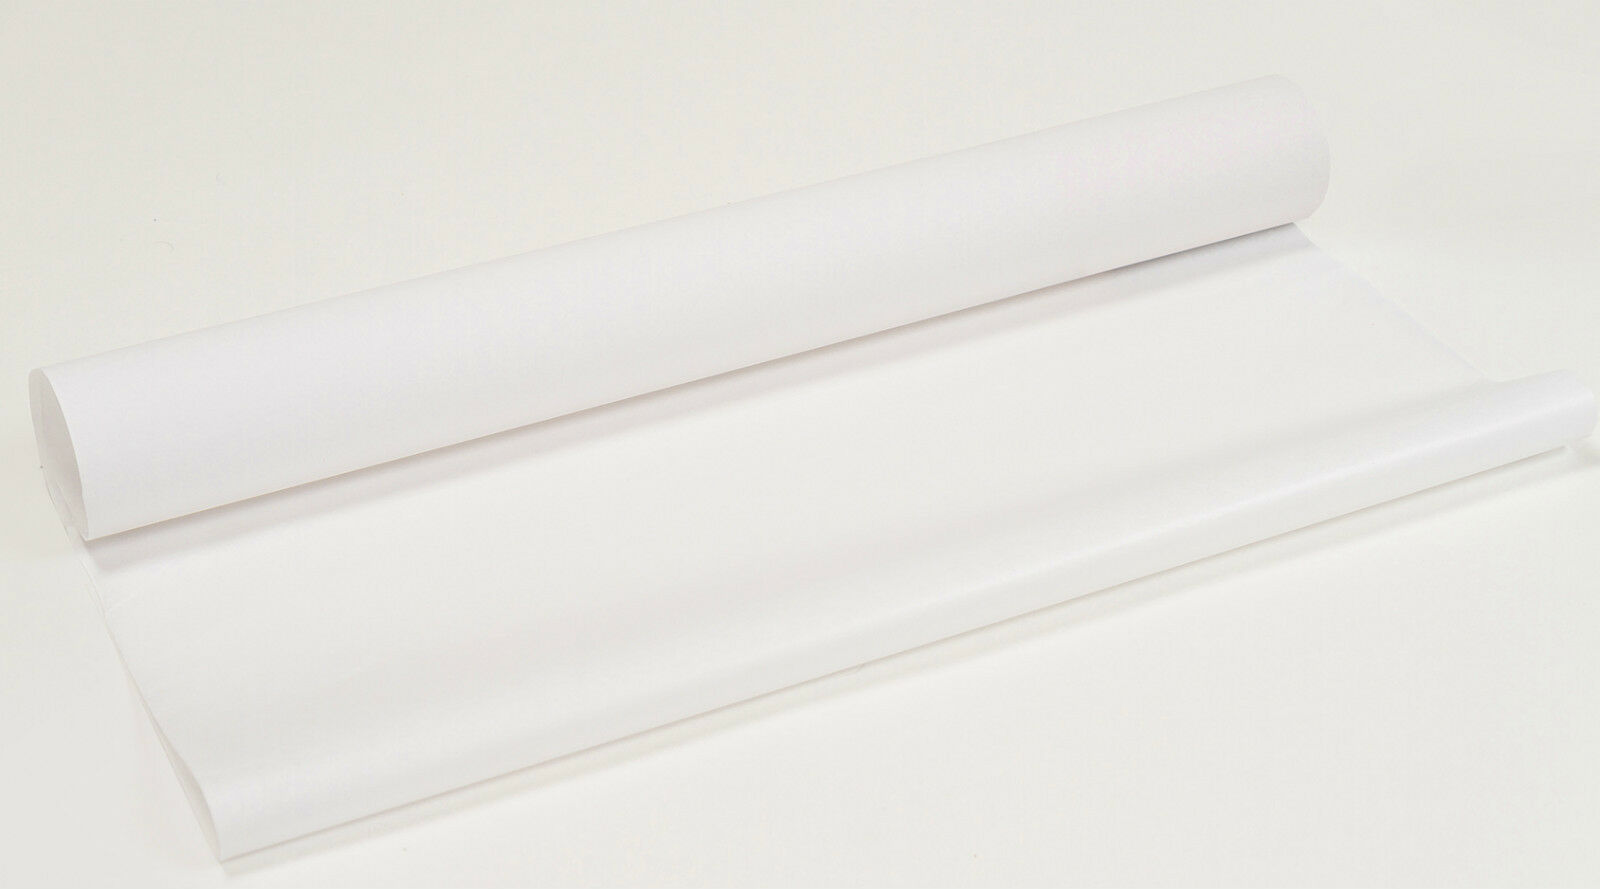 KG Seidenpapier weiß einseitig glatt 22g qm 50x75cm 10KG=ca.1200 Bogen